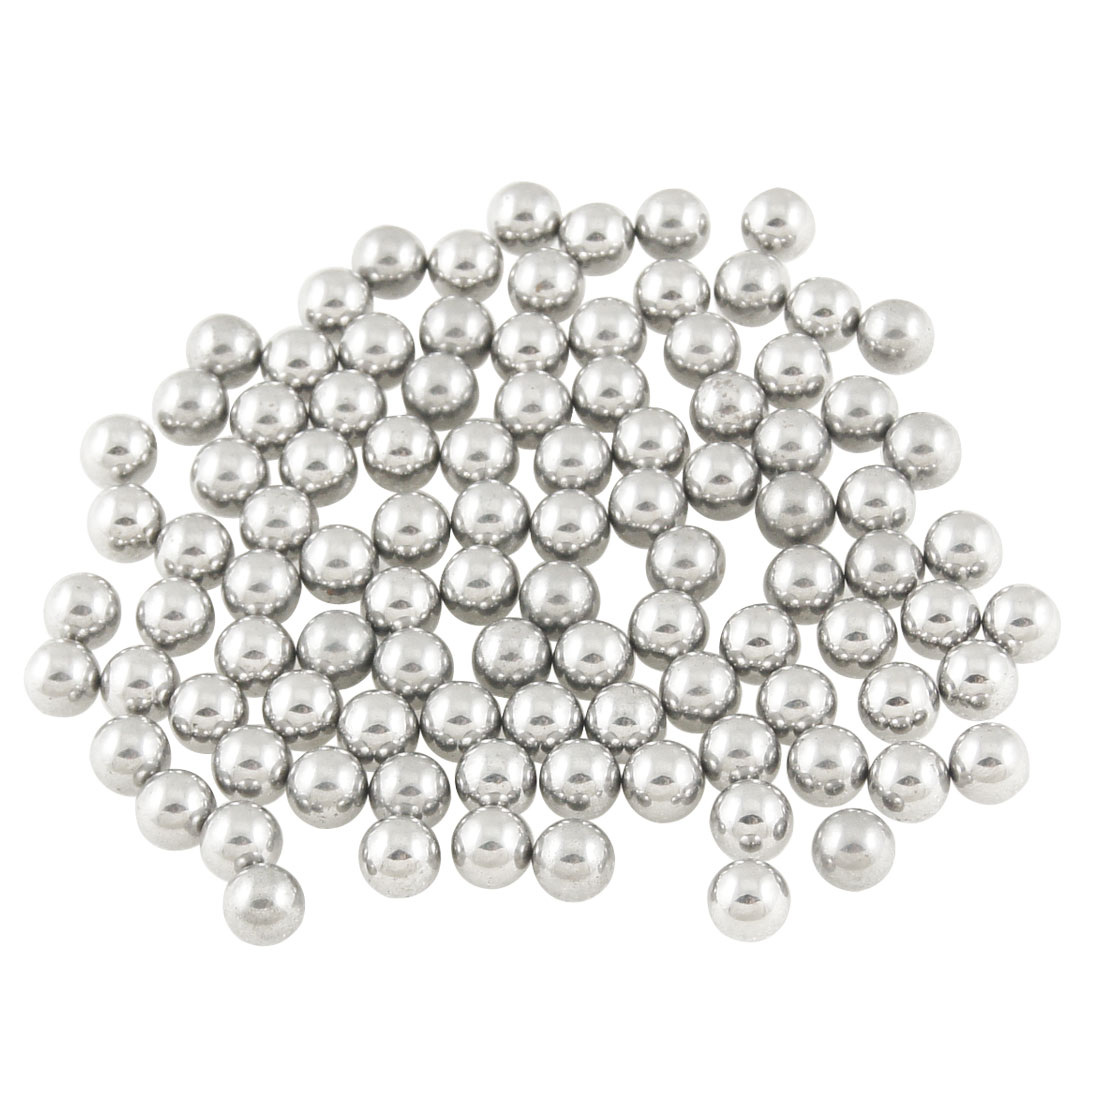 100 Pcs 5mm Diameter Silver Tone Steel Bearing Ball for Bicycle Repair